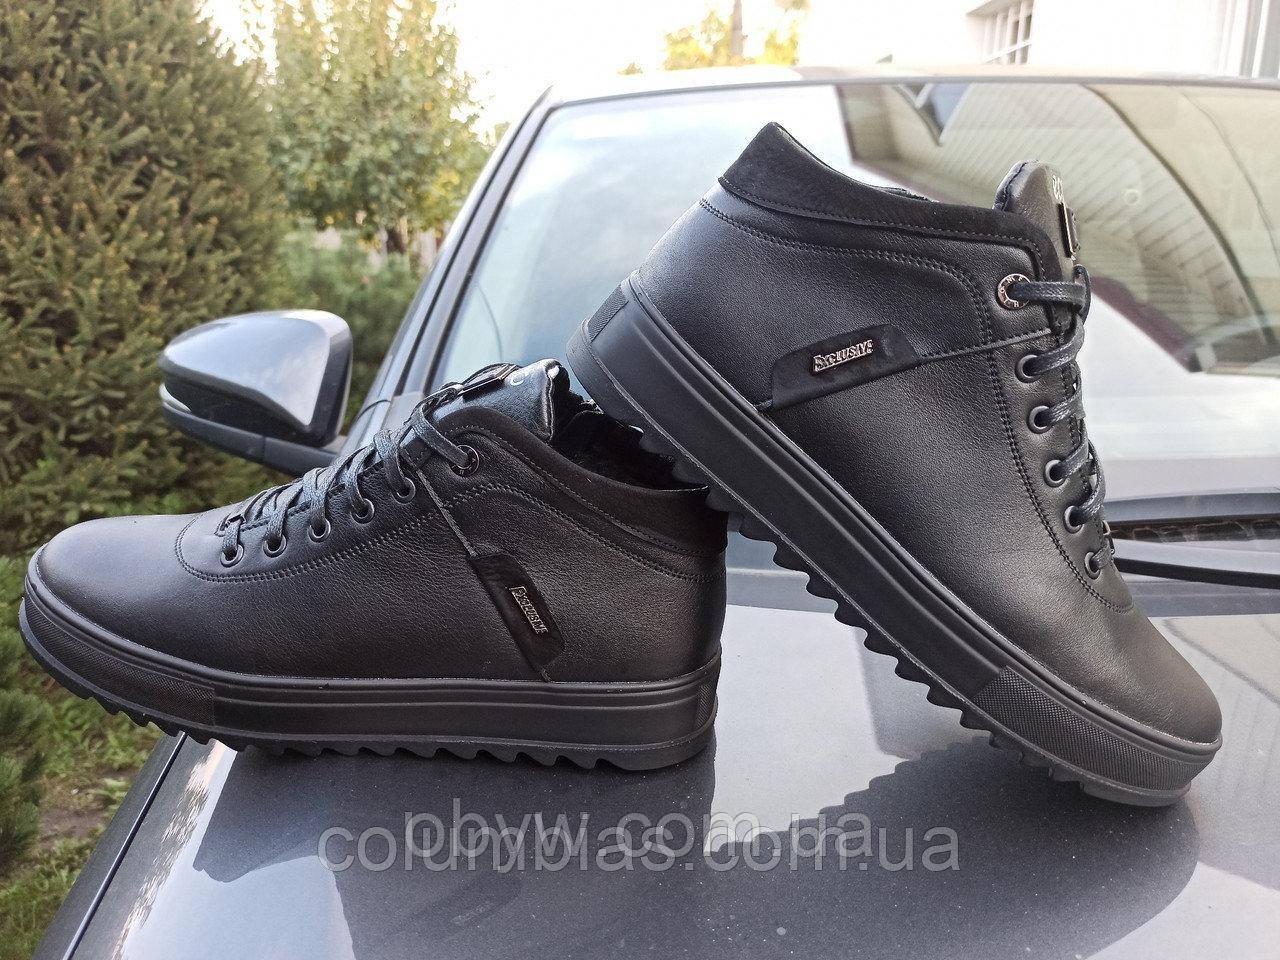 Зимние ботинки  на замочке, натуральная кожа